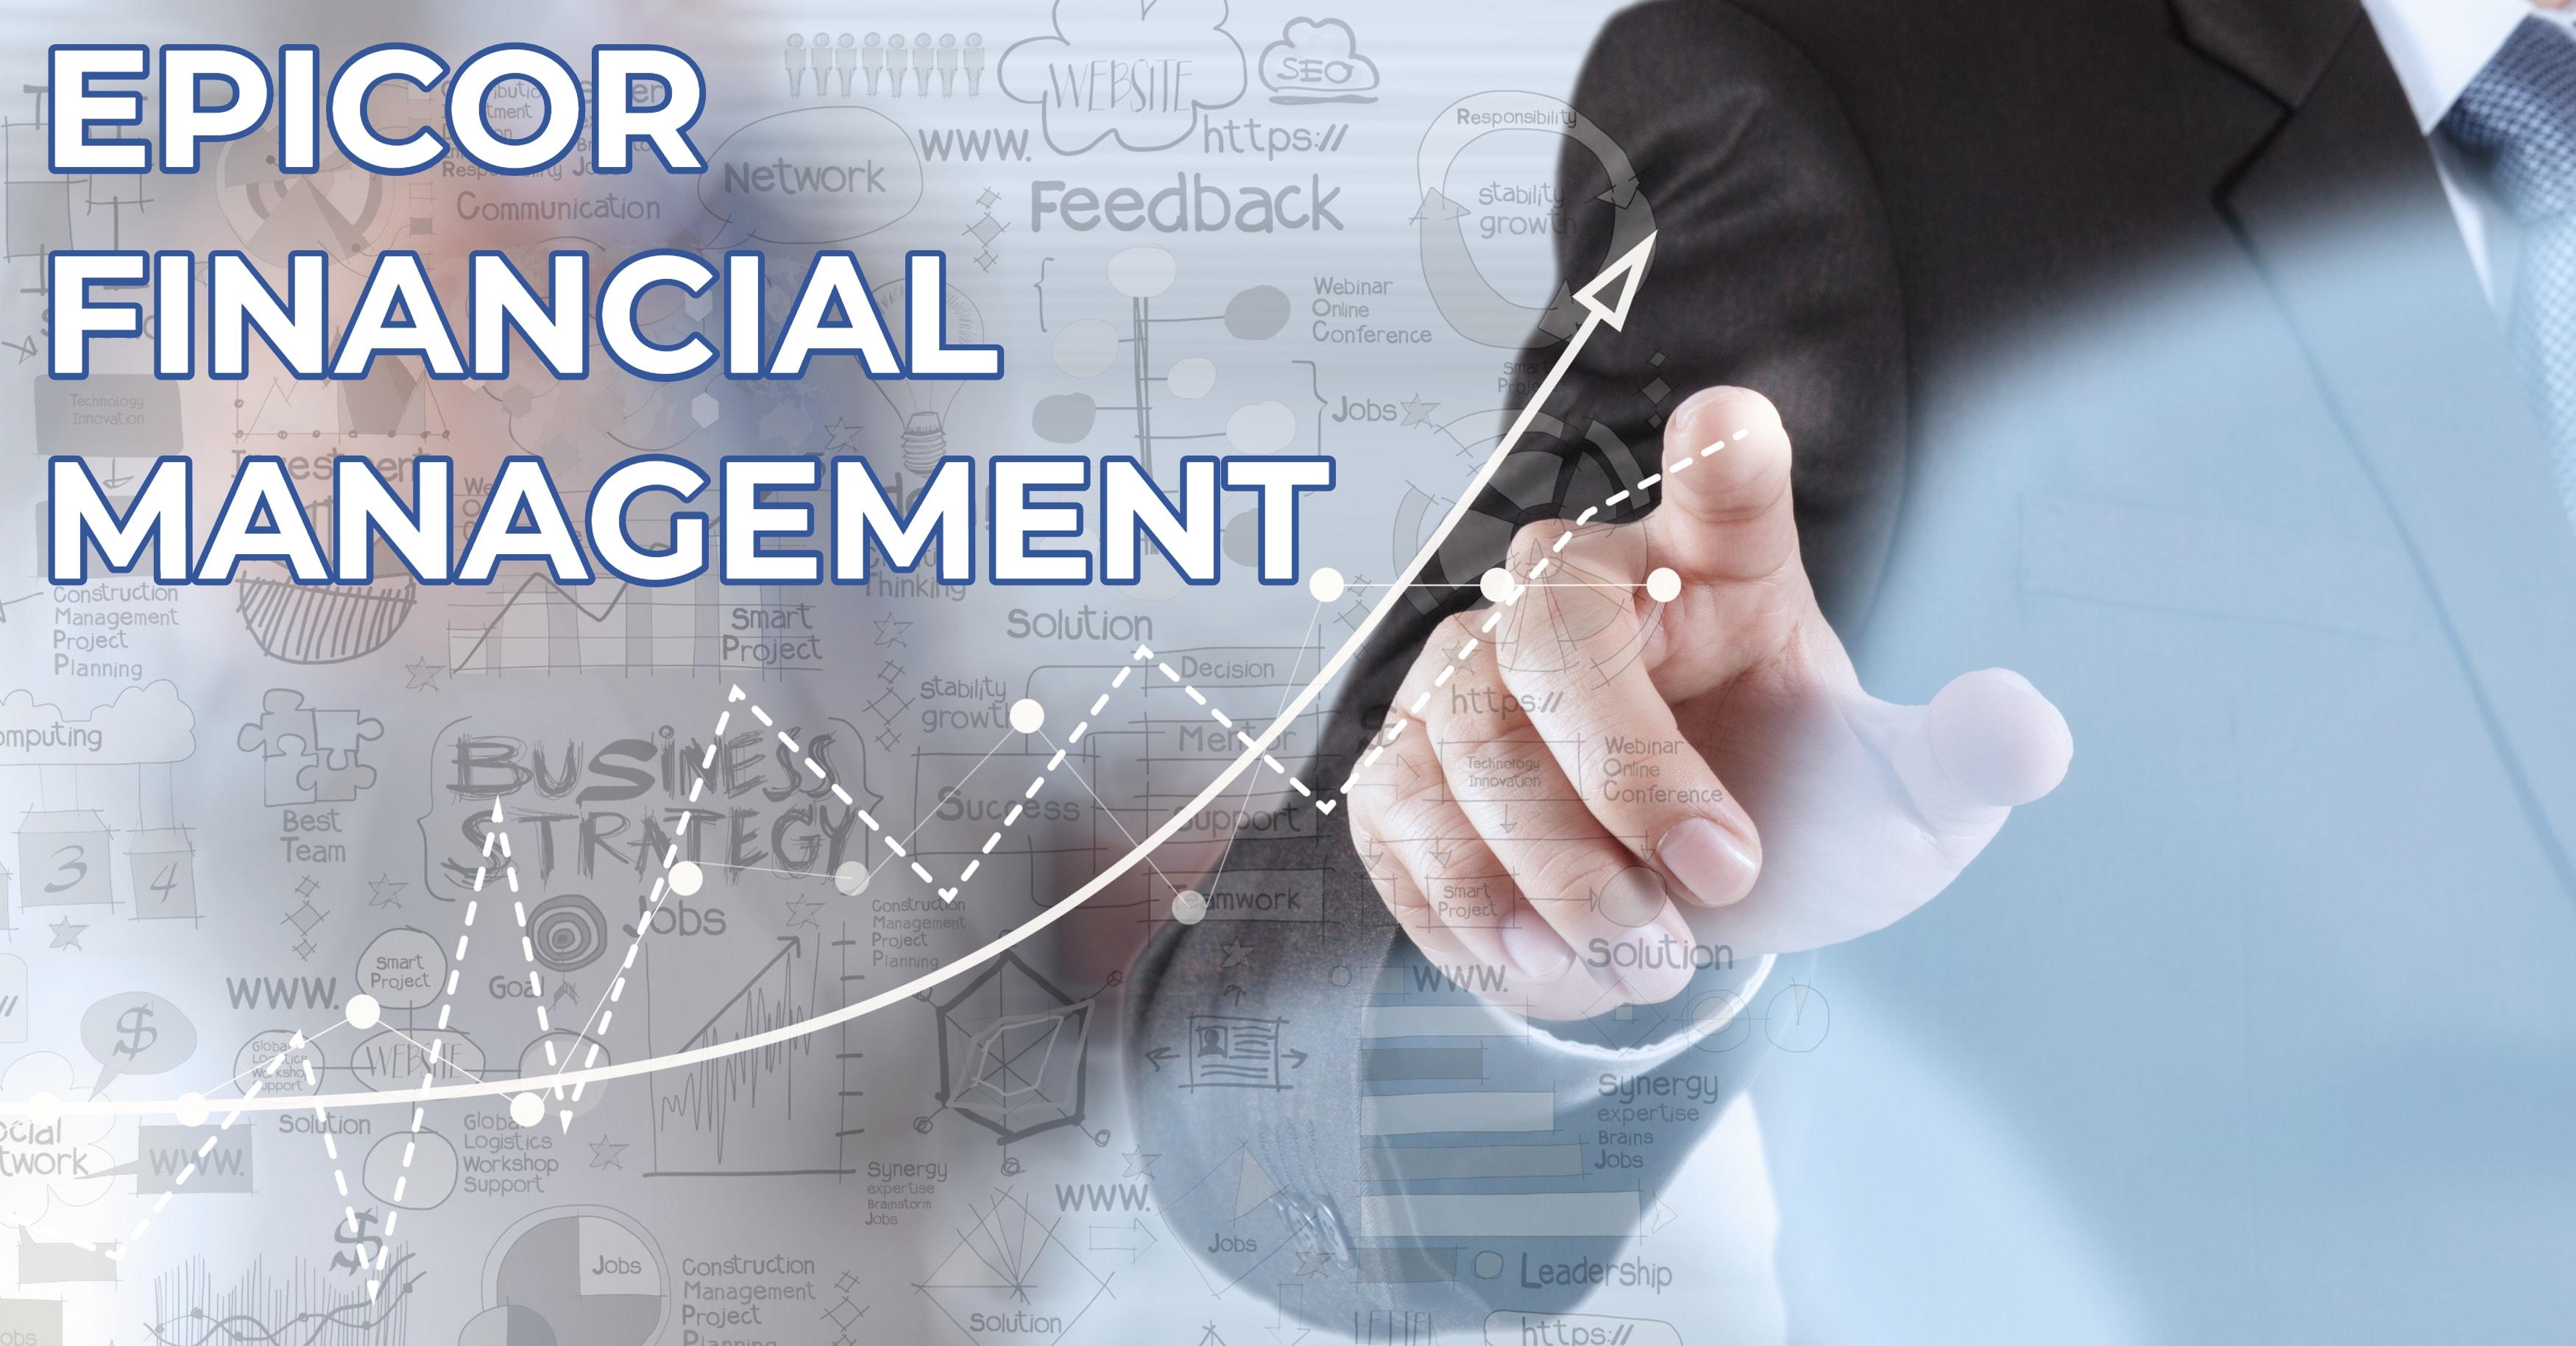 Epicor Financial Management